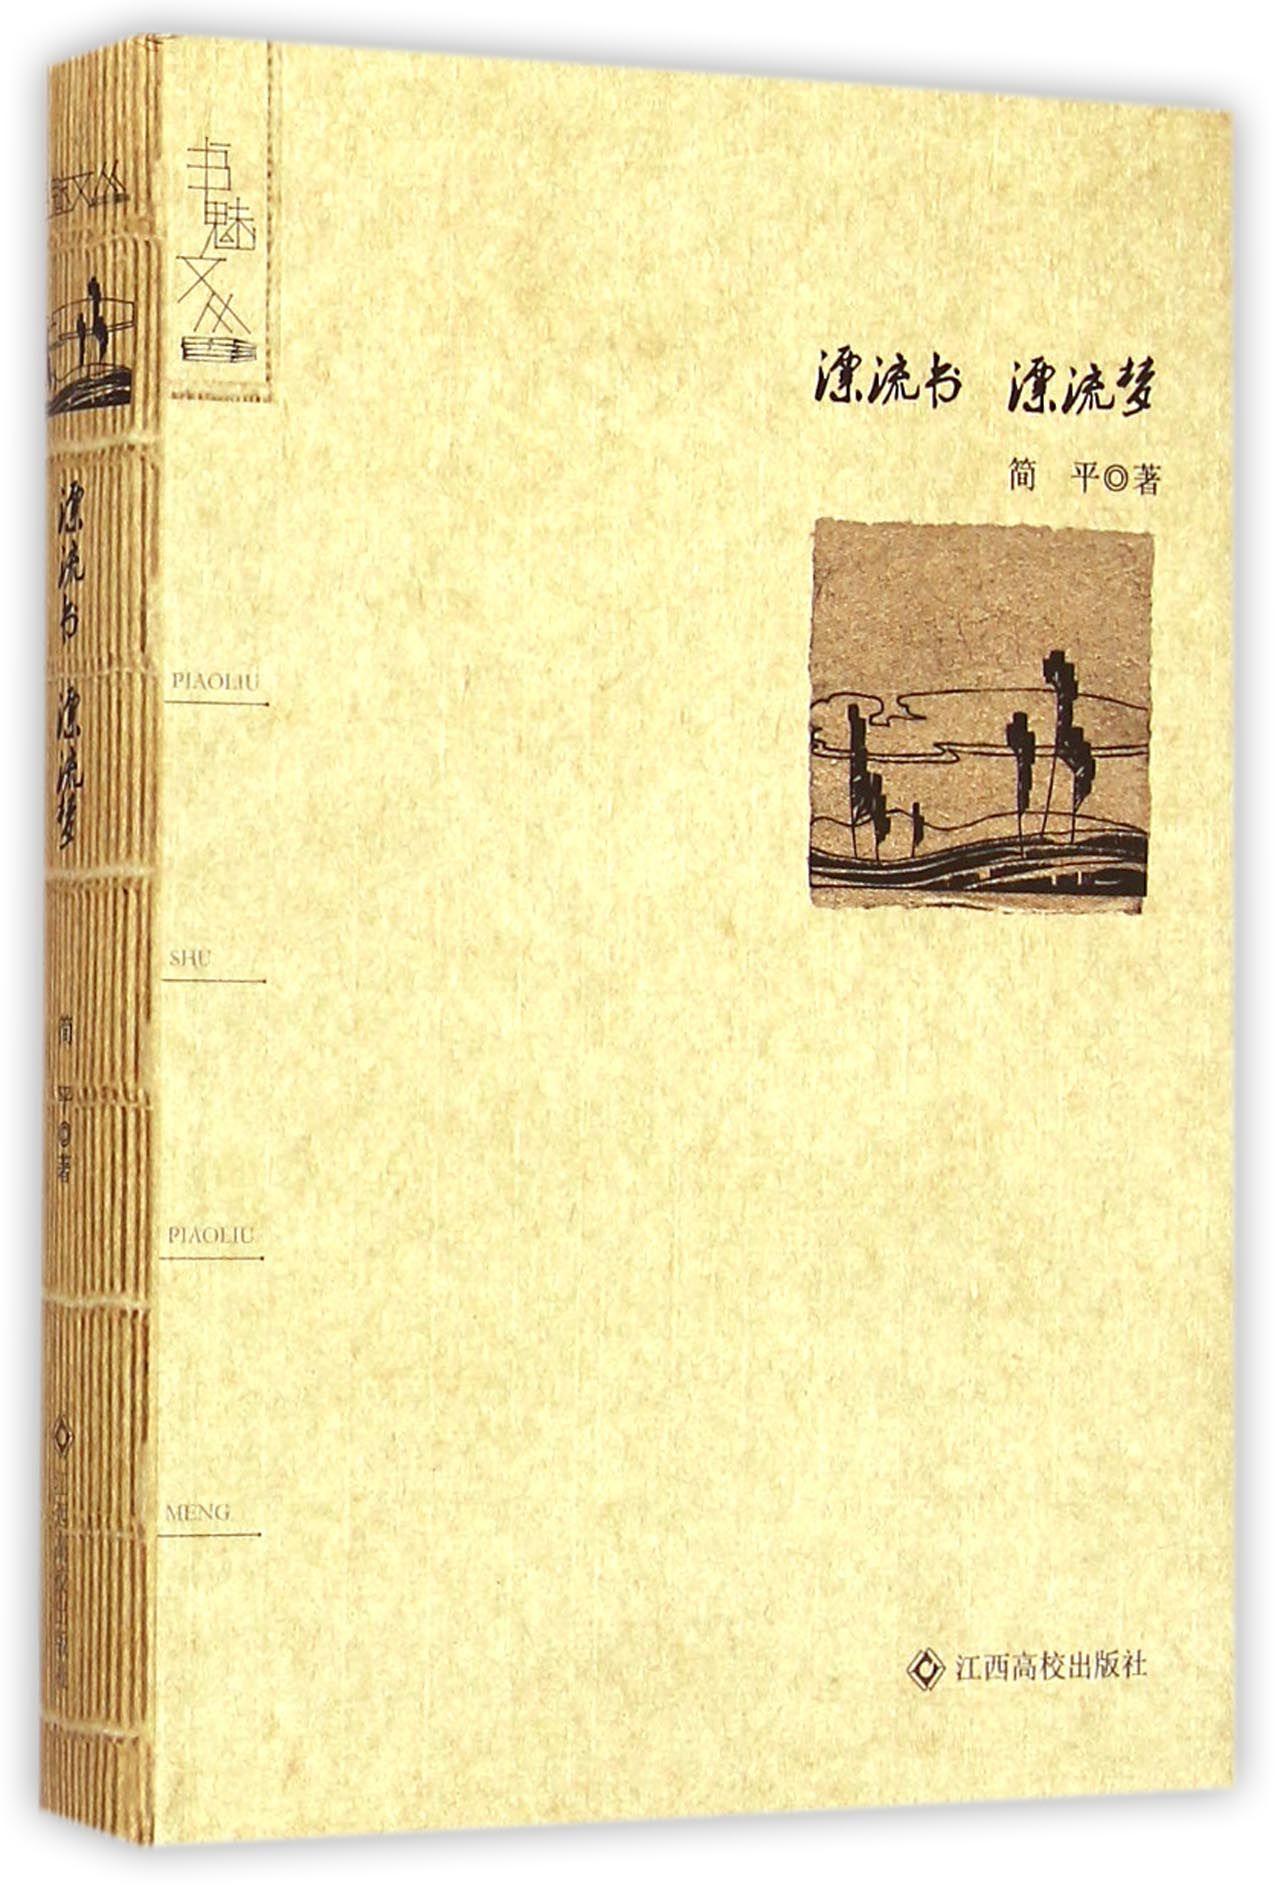 手绘漂流日记本封面